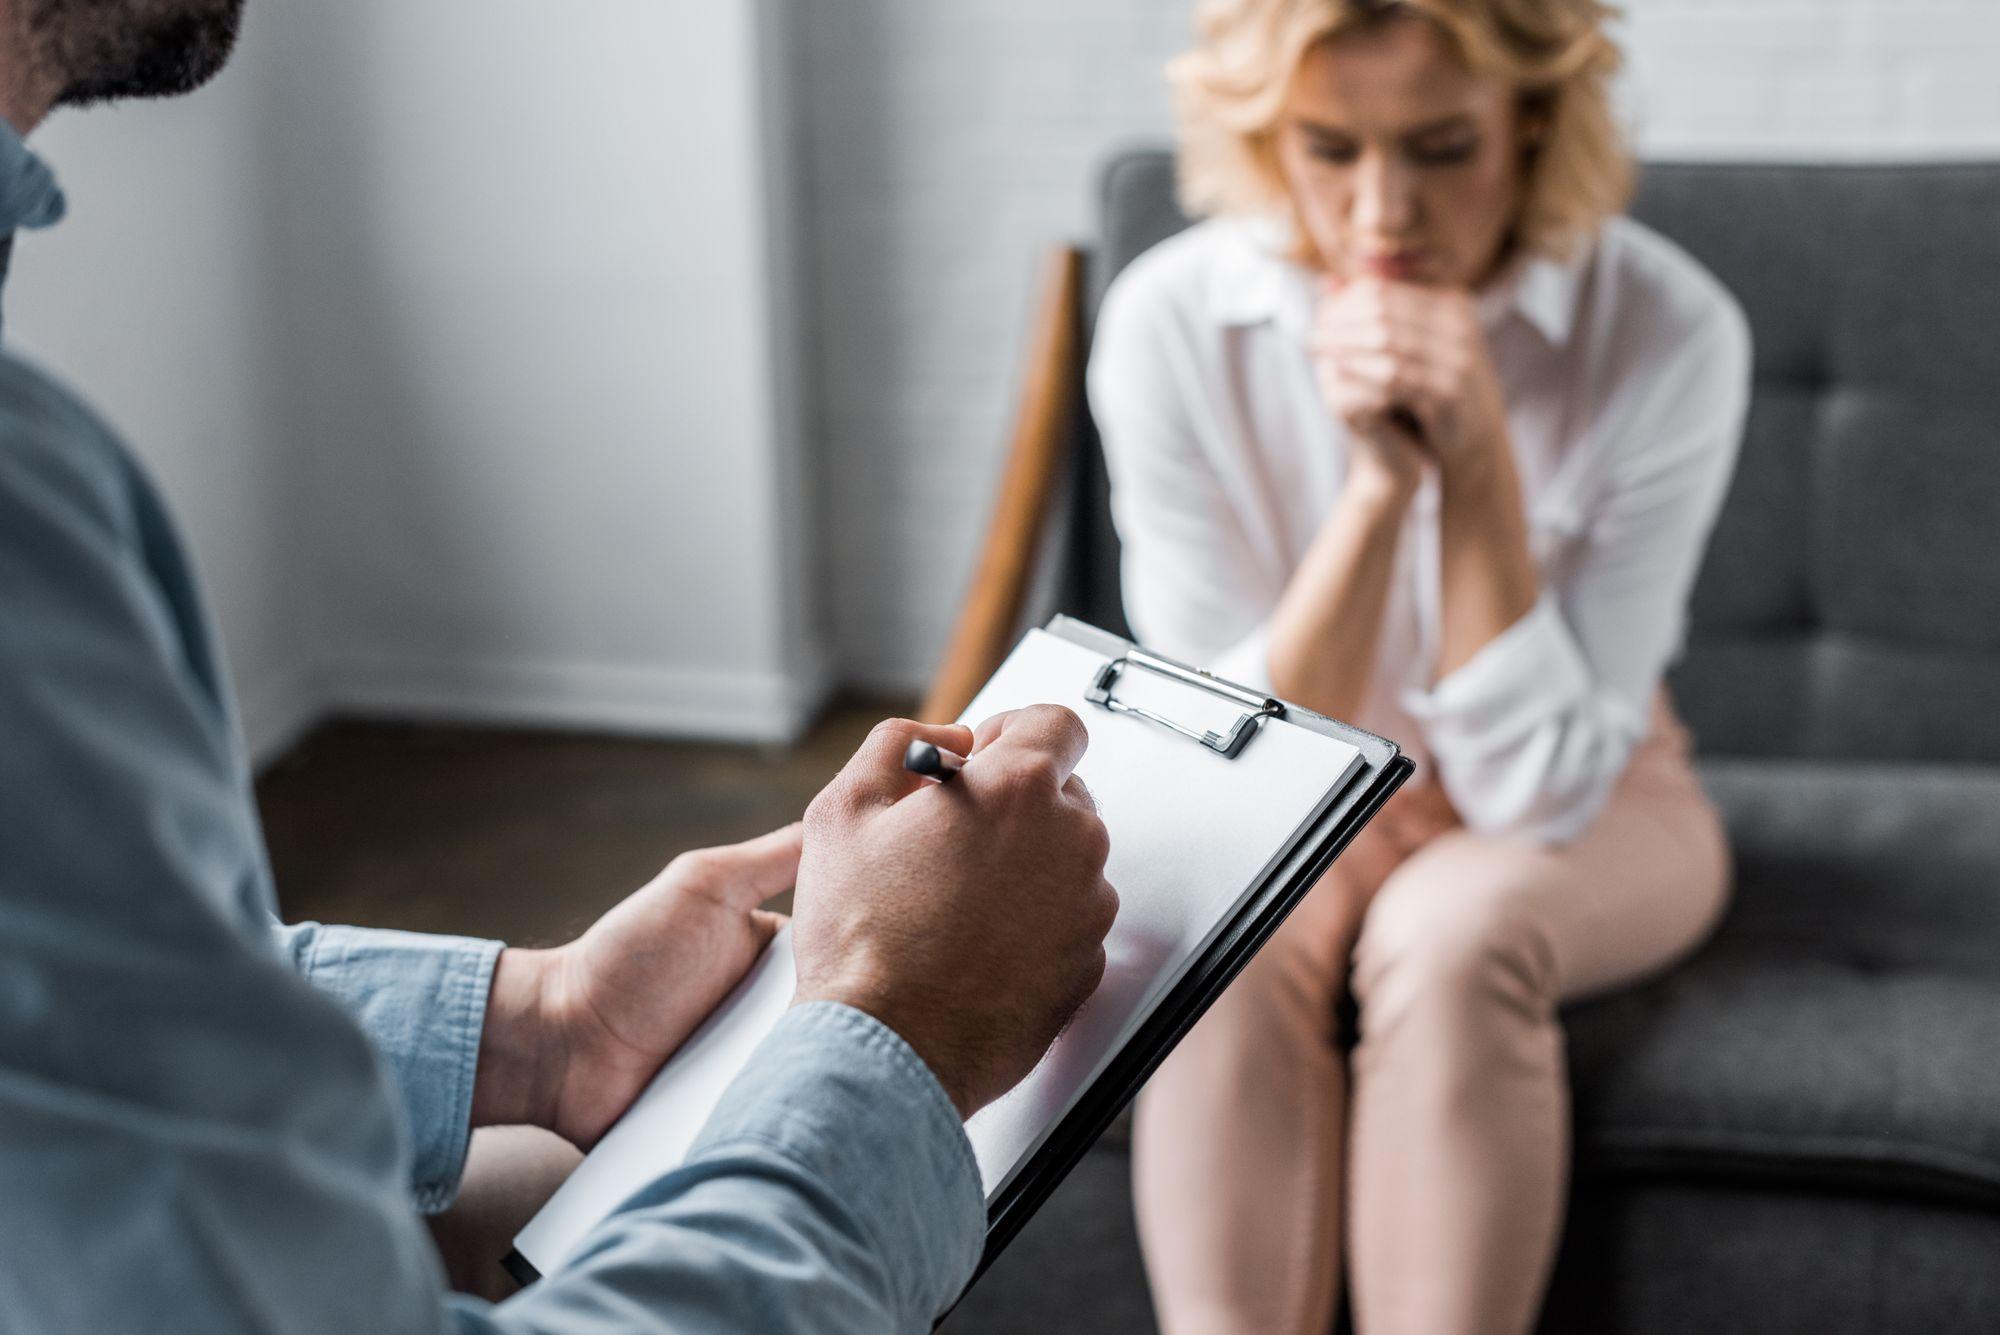 Prevenção do Suicídio: conheça os fatores de risco e proteção